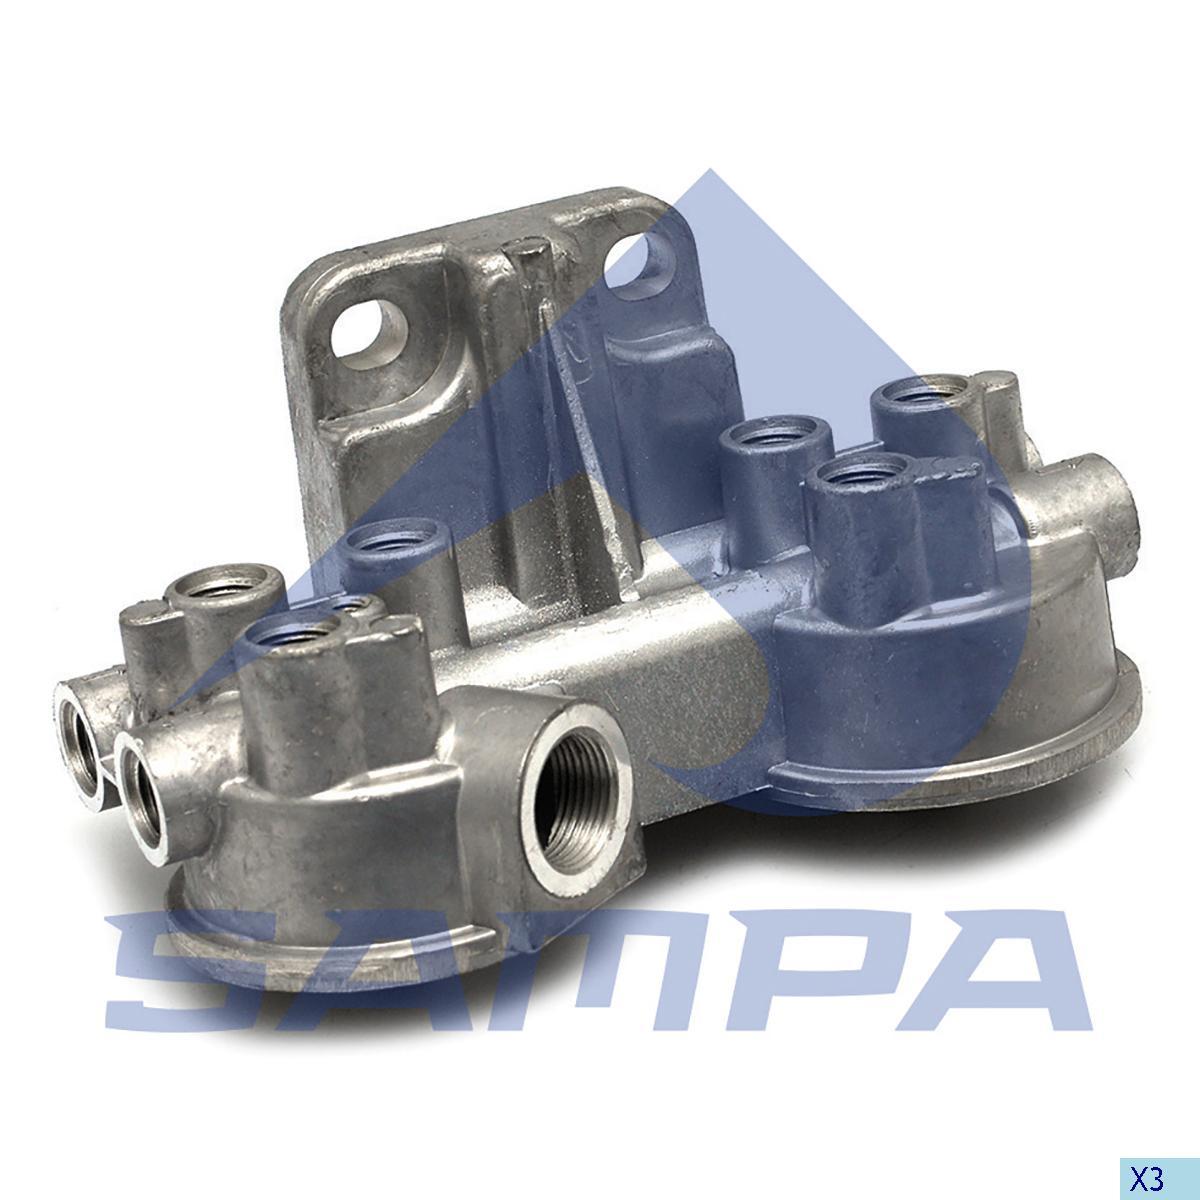 Head, Fuel Filter, R.V.I., Engine